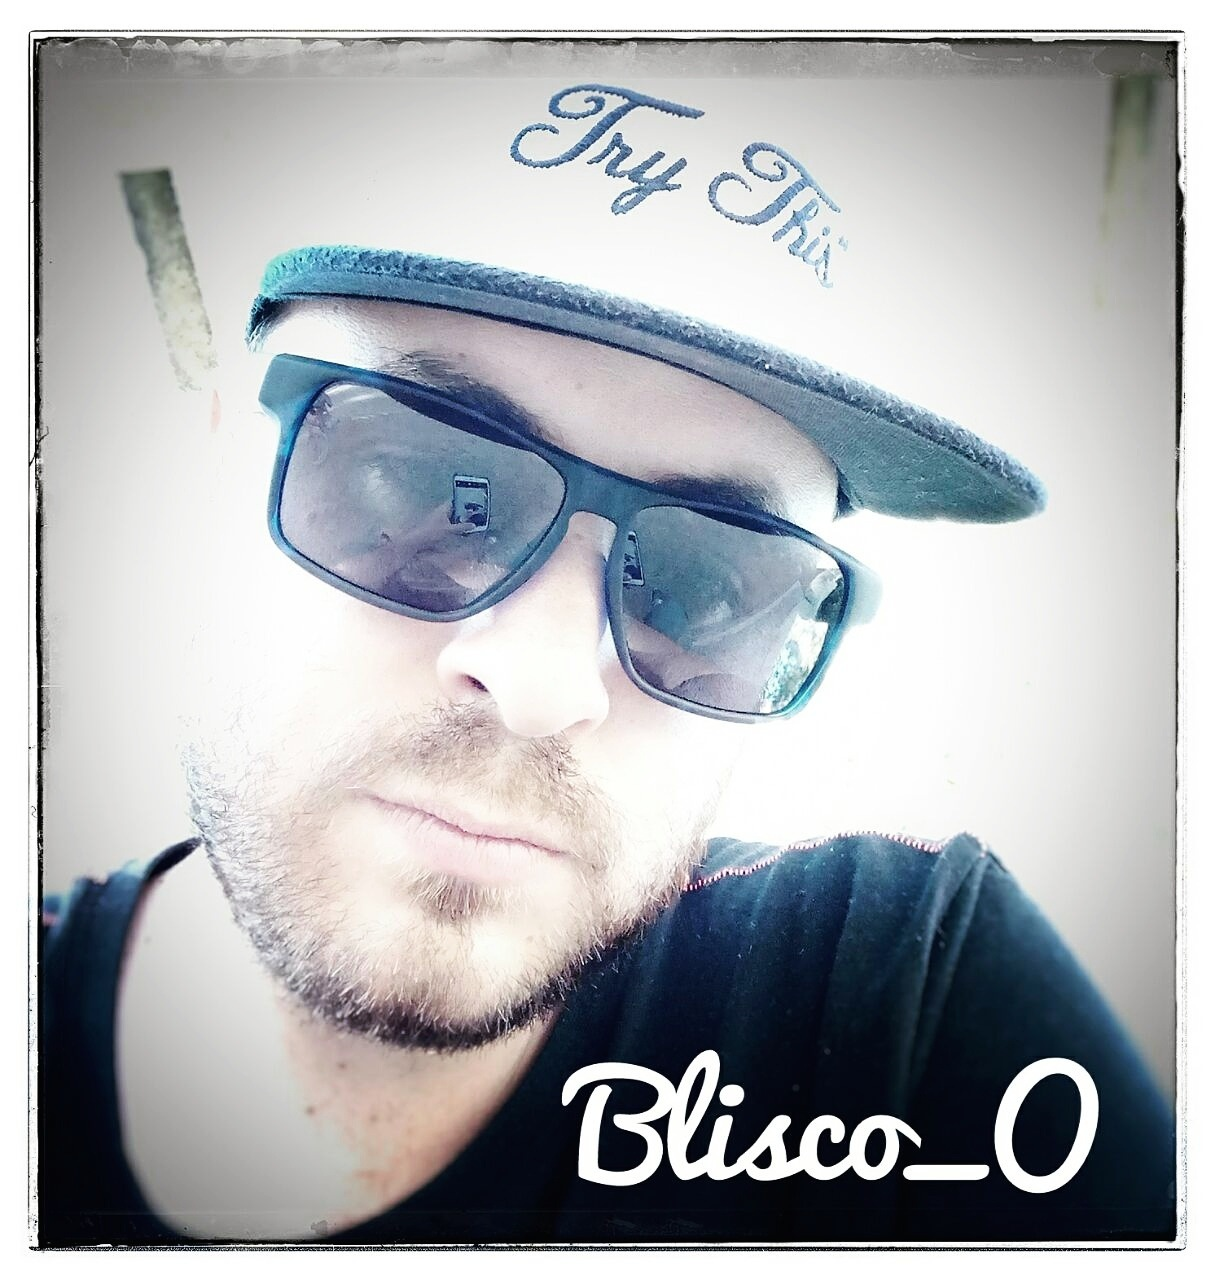 Selfie II by Blisco_O